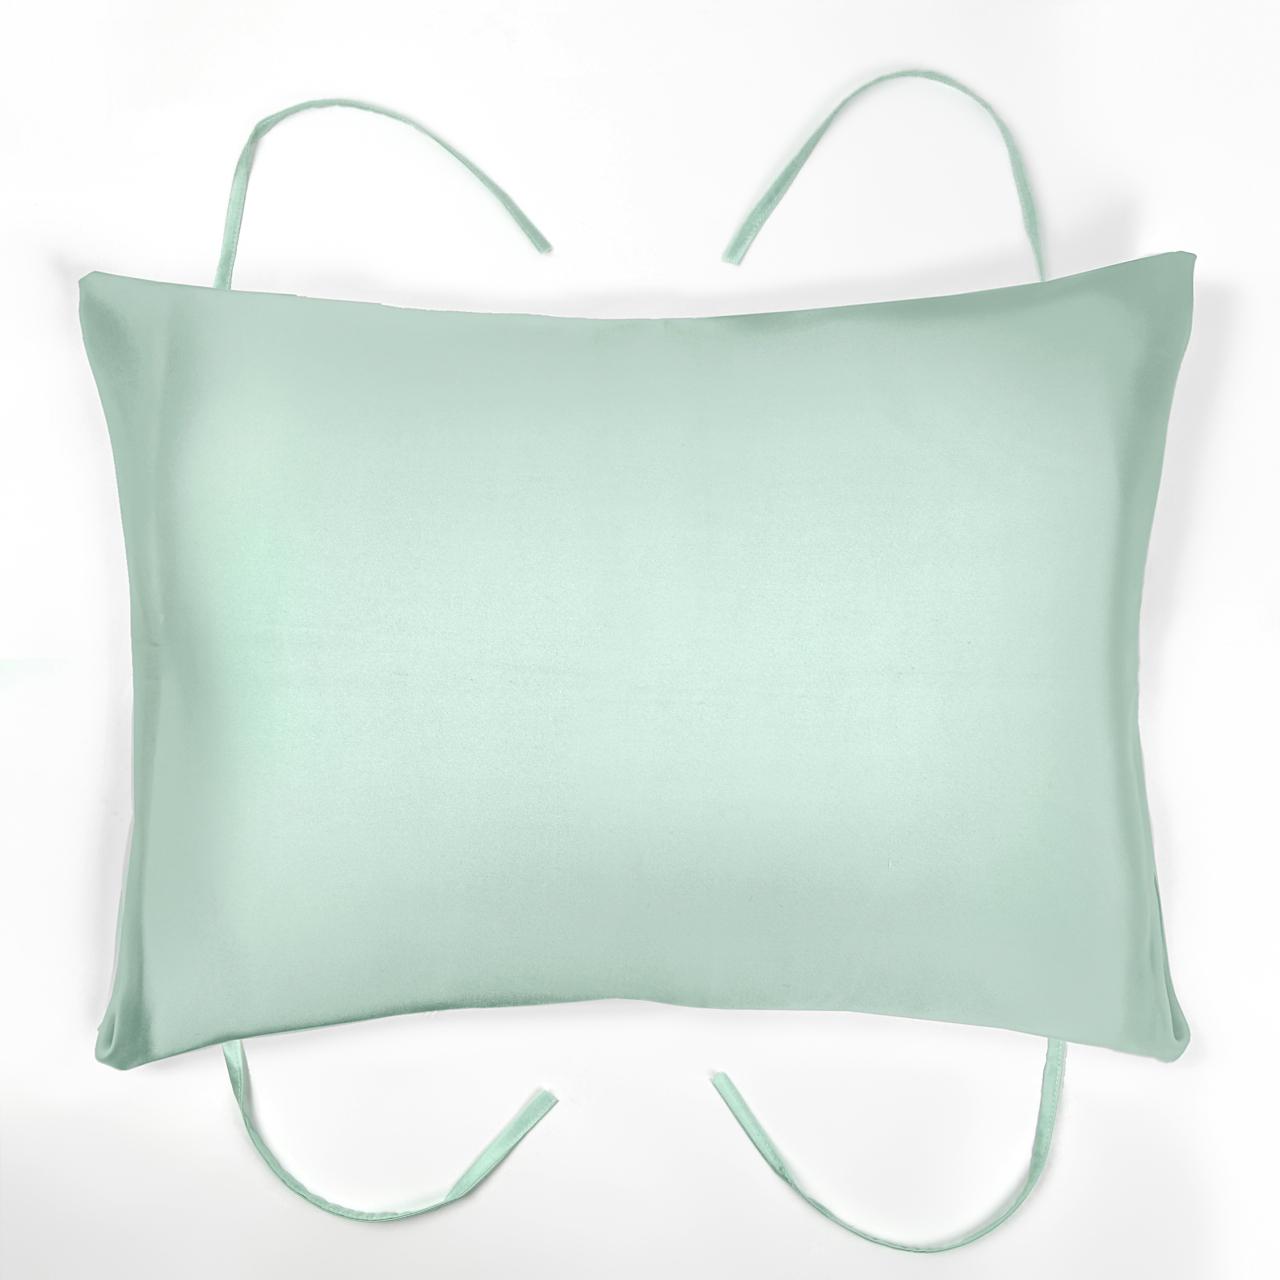 シルク紐付き枕カバー